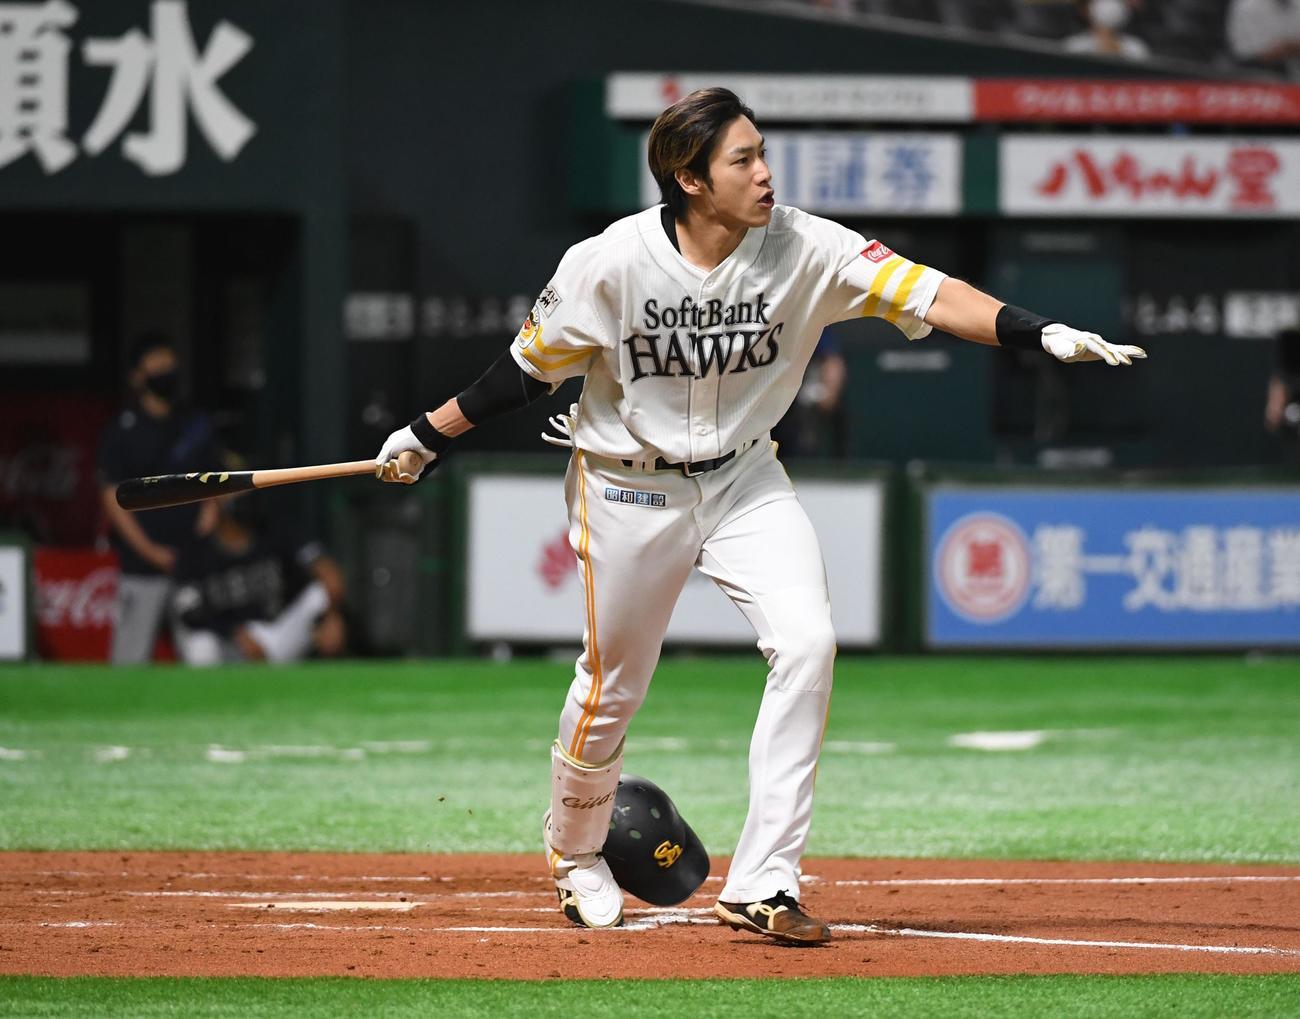 ソフトバンク対オリックス 6回裏ソフトバンク2死一、二塁、柳田はヘルメットを飛ばしながら右越えに逆転の3点本塁打を放つ(撮影・今浪浩三)